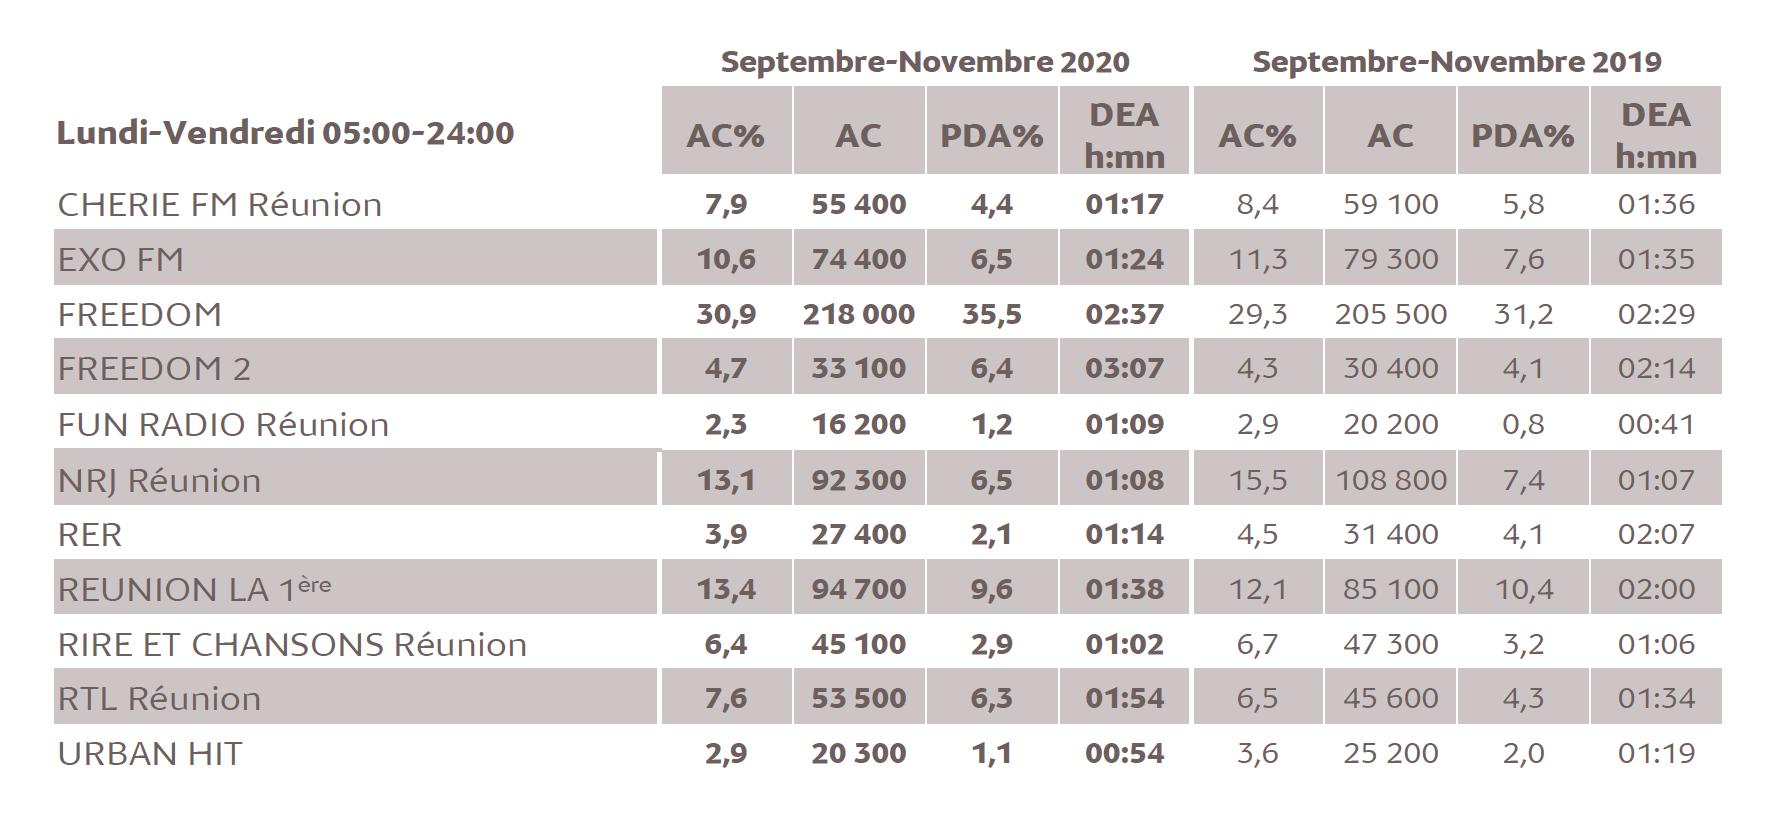 Source : Médiamétrie -Métridom Réunion Septembre-Novembre 2020 -13 ans et plus -Copyright Médiamétrie -Tous droits réservés